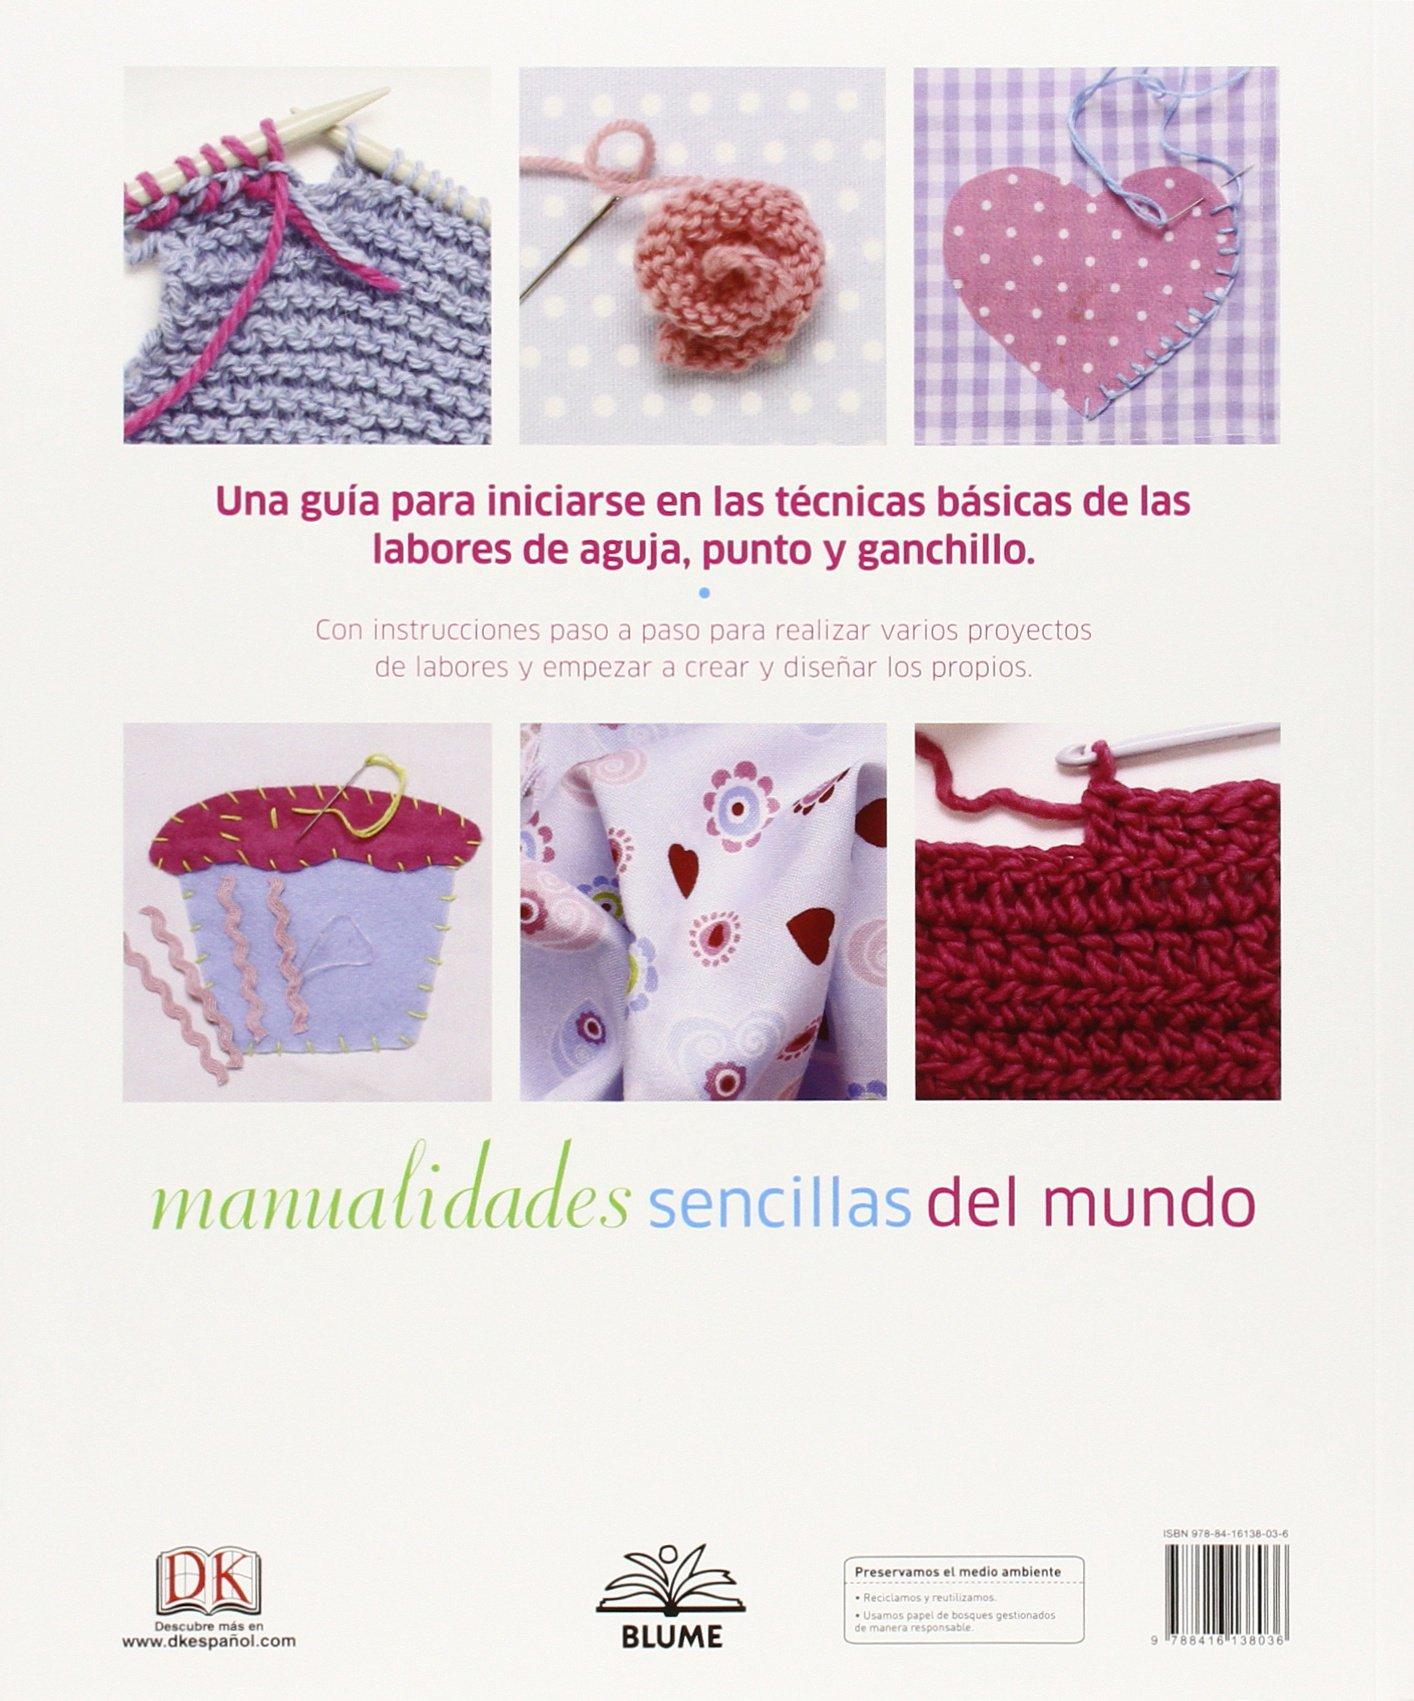 Manualidades sencillas. Aguja, punto y ganchillo: bordado, tapicería ...